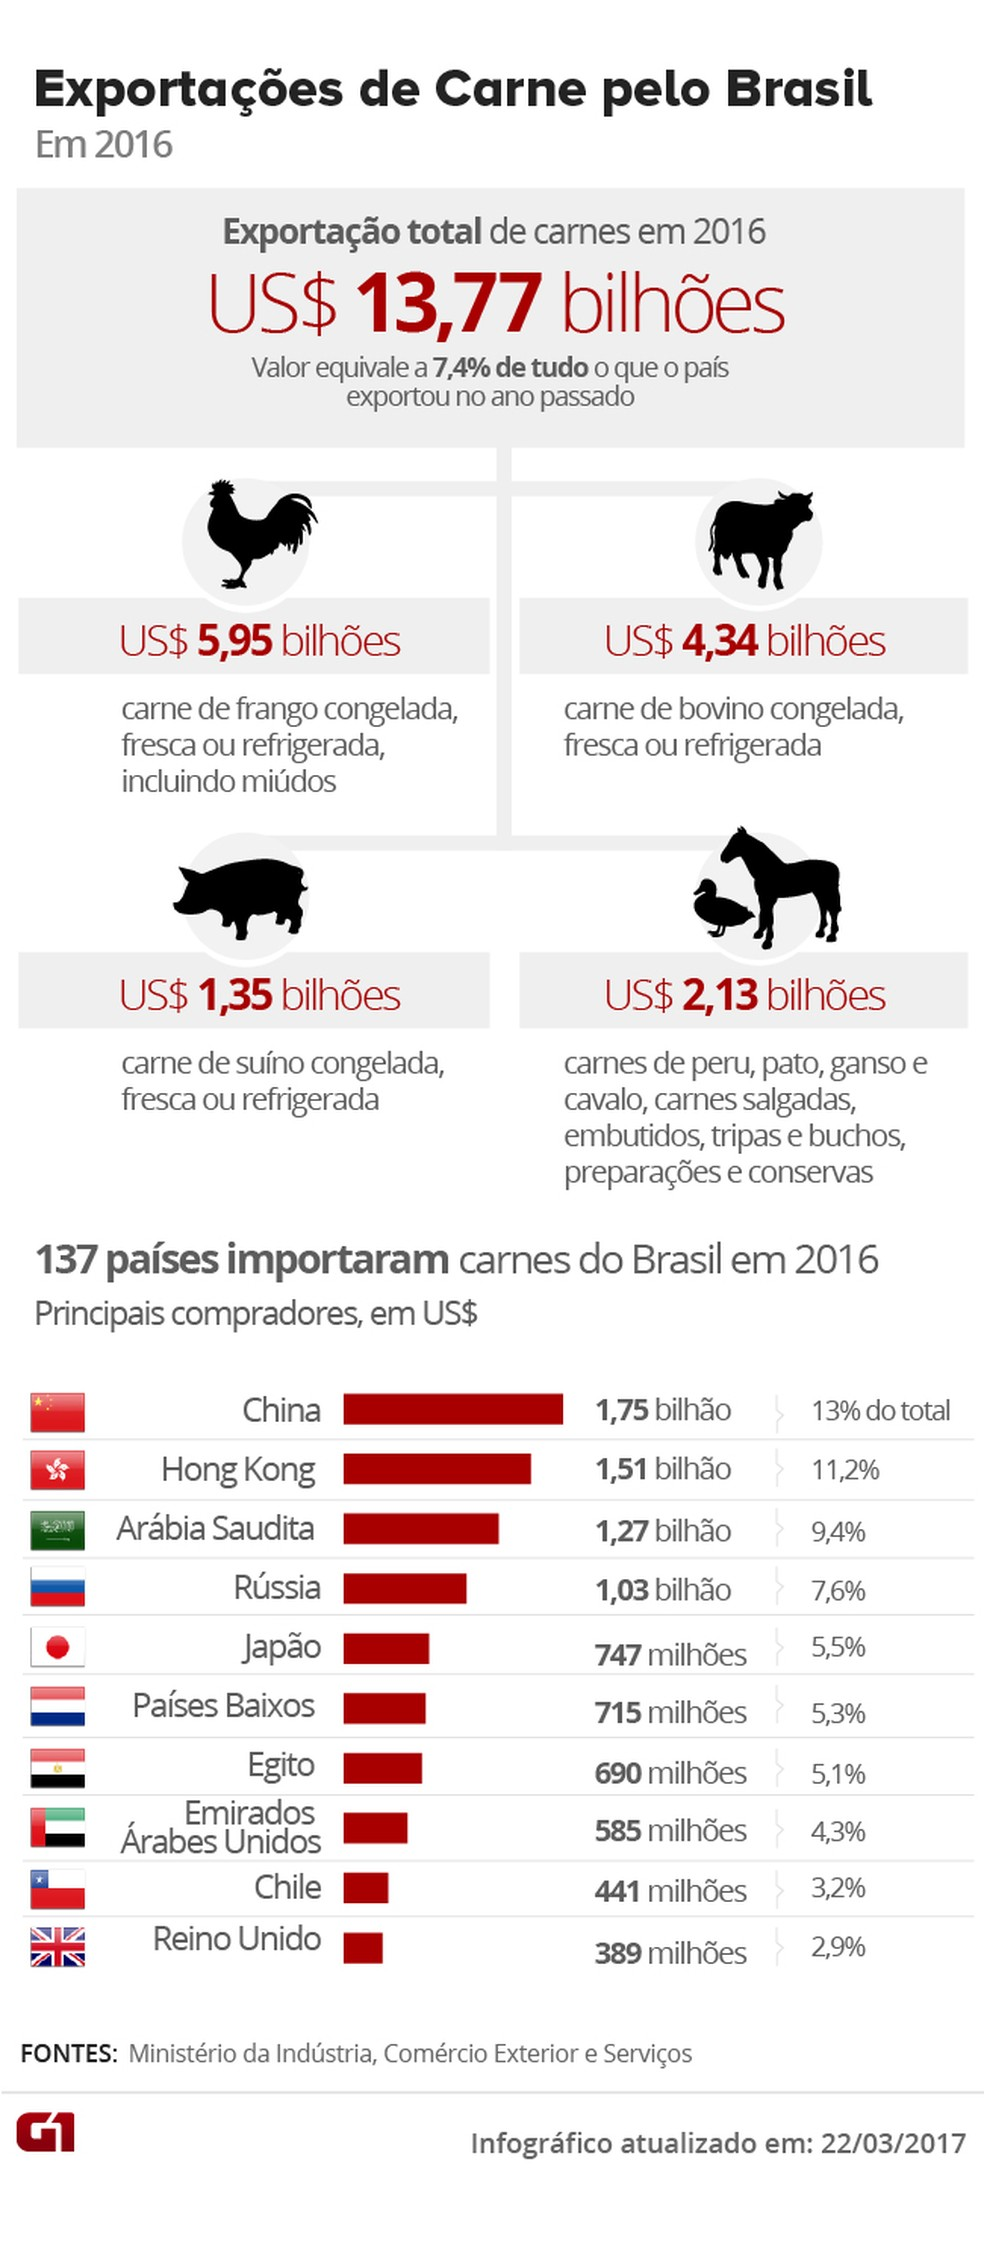 Exportações de carne pelo Brasil (Foto: Arte G1)